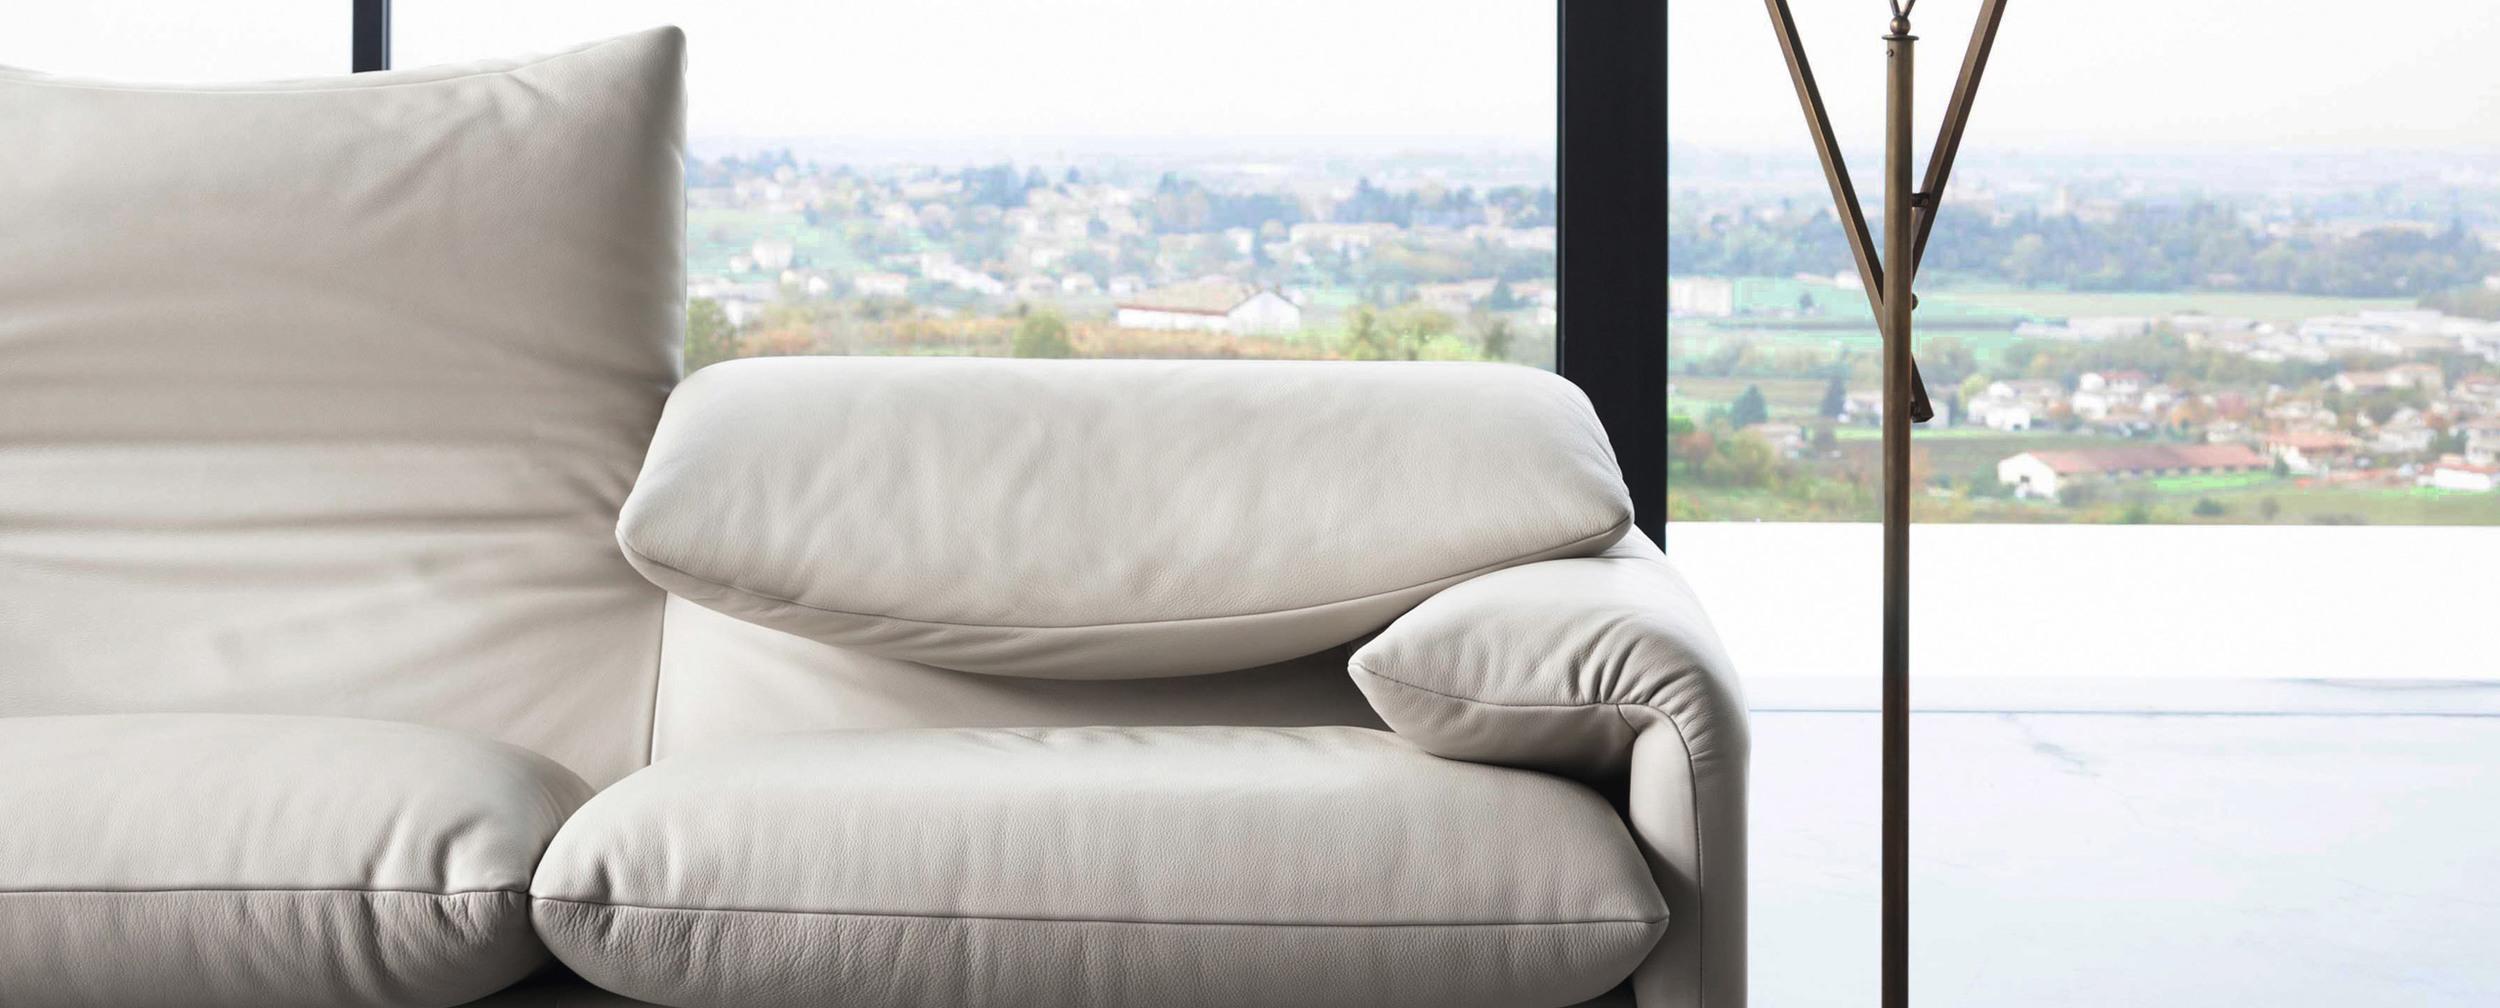 675_maralunga_3 Cassina Loncin design meubel zetel Leuven Brussels mechelen antwerpen vlaams-branbant Limburg Hasselt Tongeren Genk Sint-Truiden Zoutleeuw.jpg